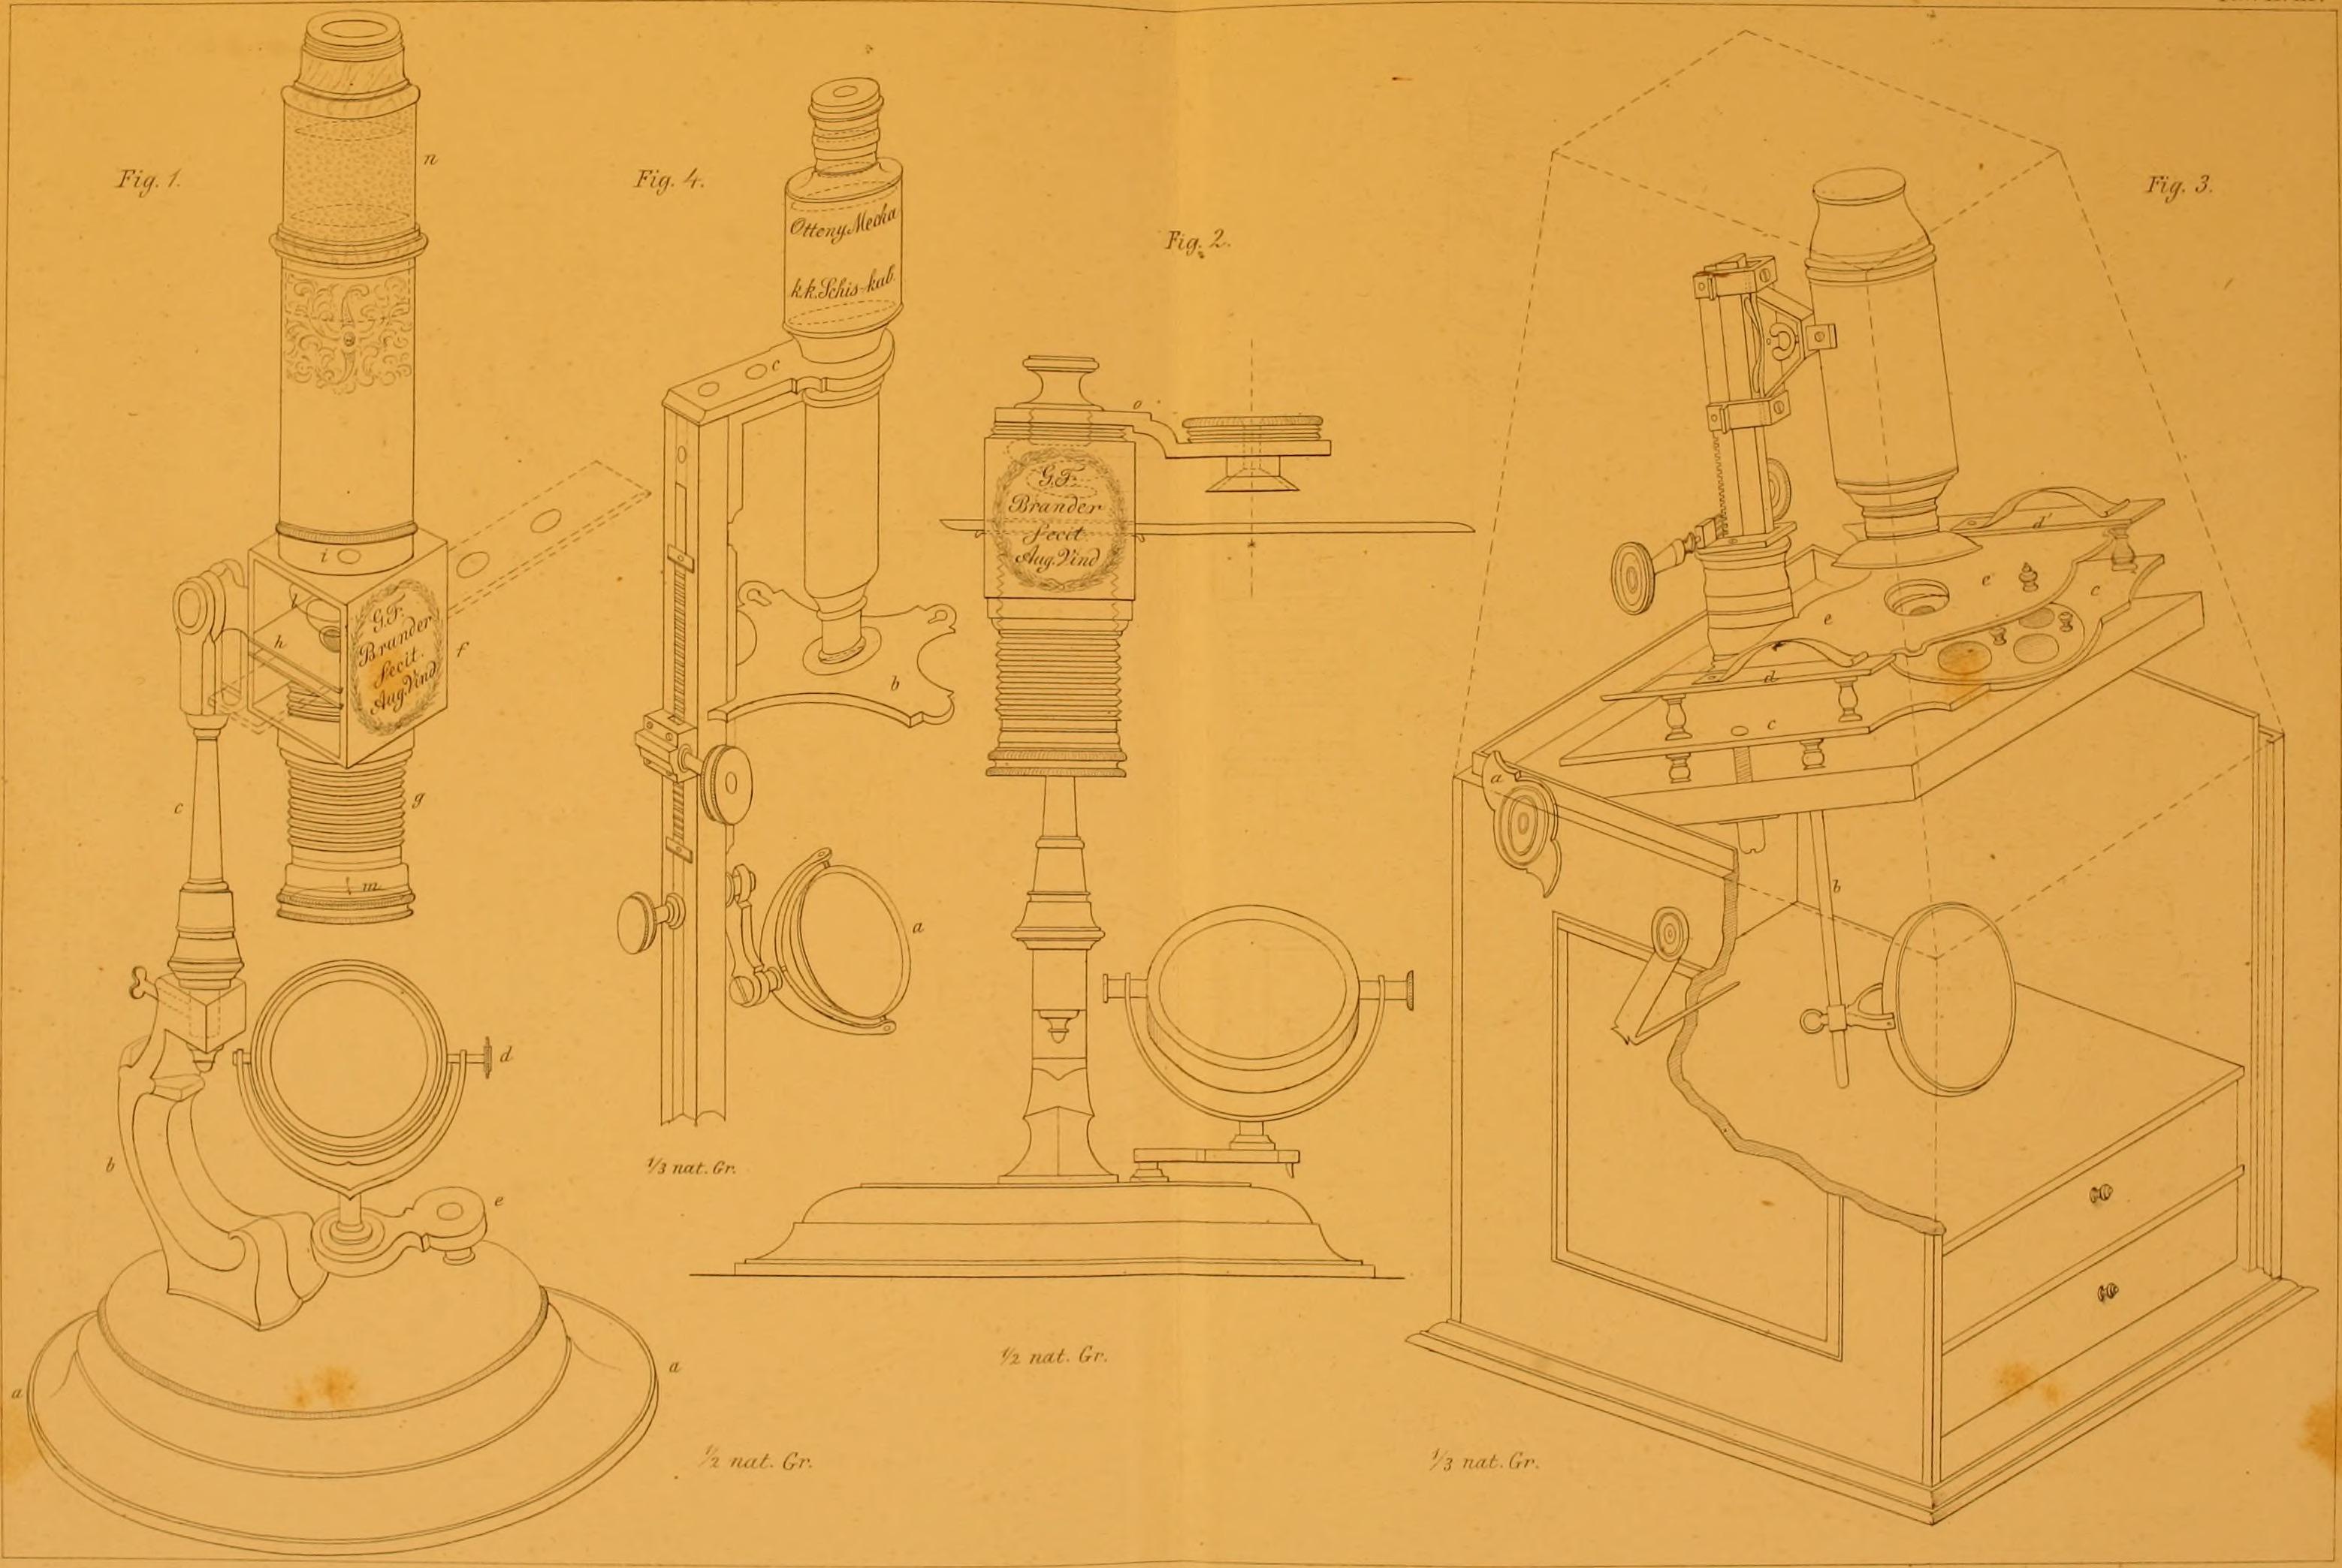 Ausgezeichnet Makroskopische Anatomie Und Physiologie Bilder ...